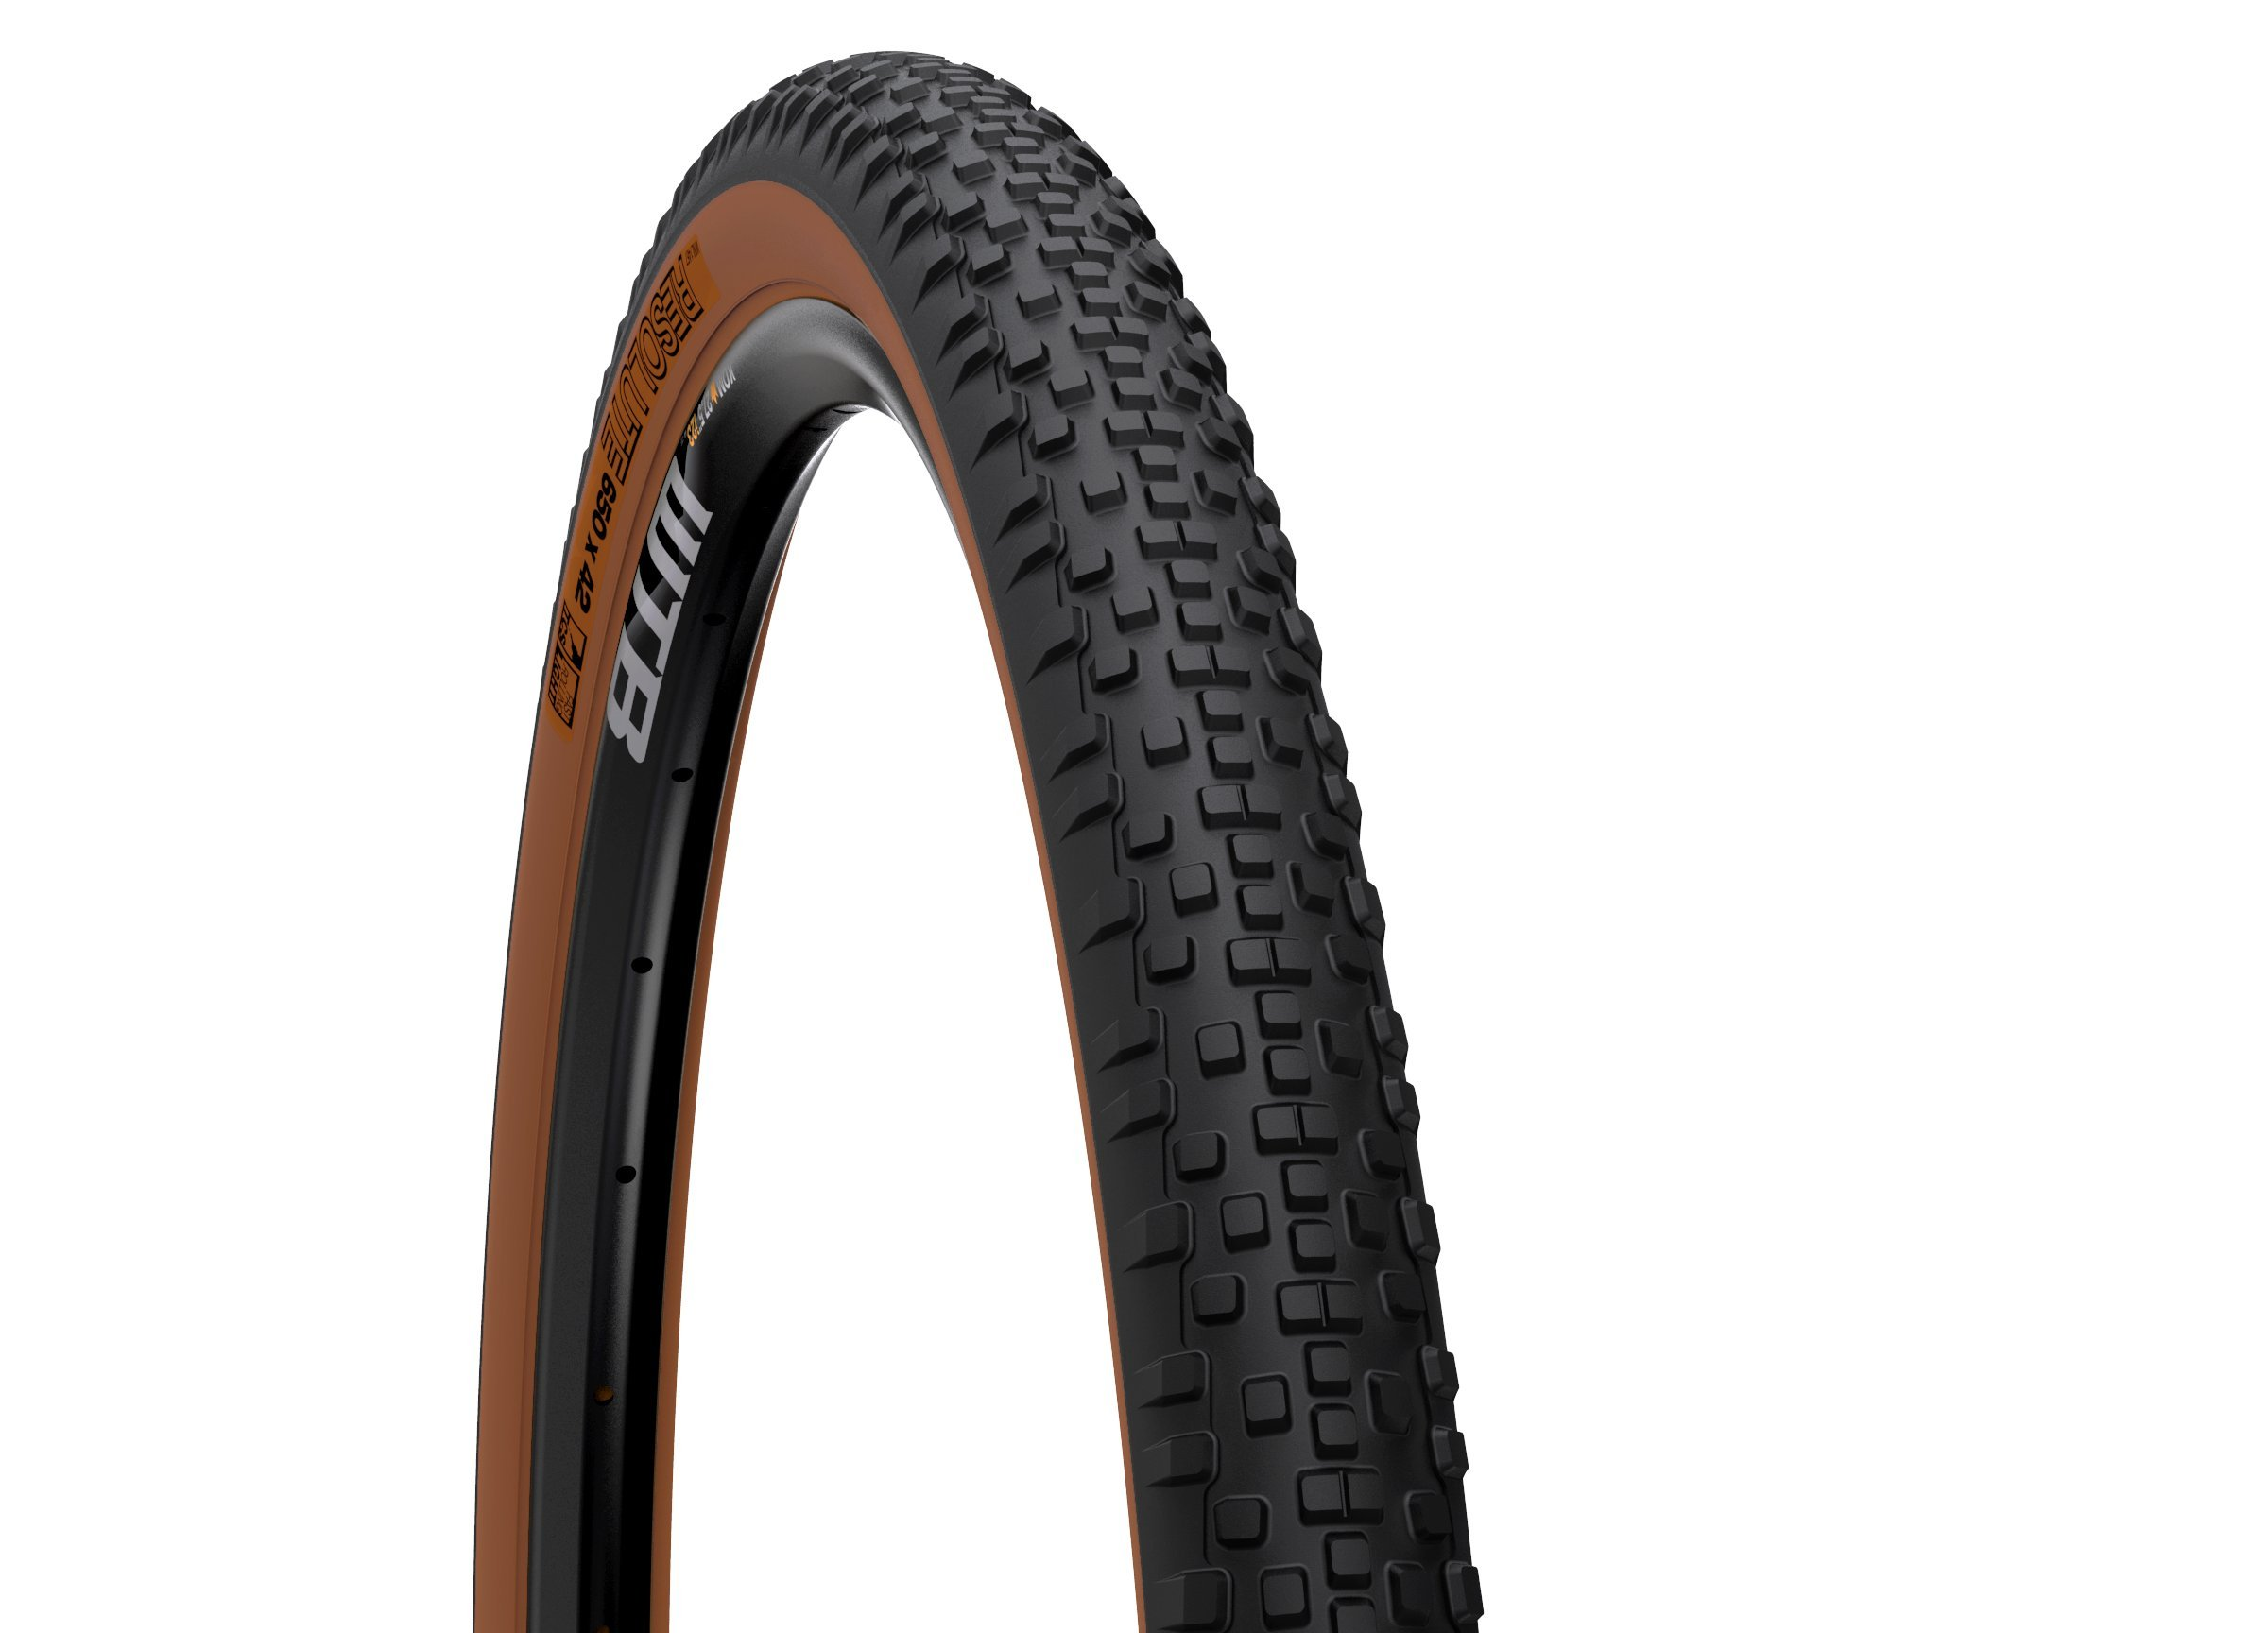 WTB Resolute 700 x 42 TCS Light Fast Rolling tire - Tanwall